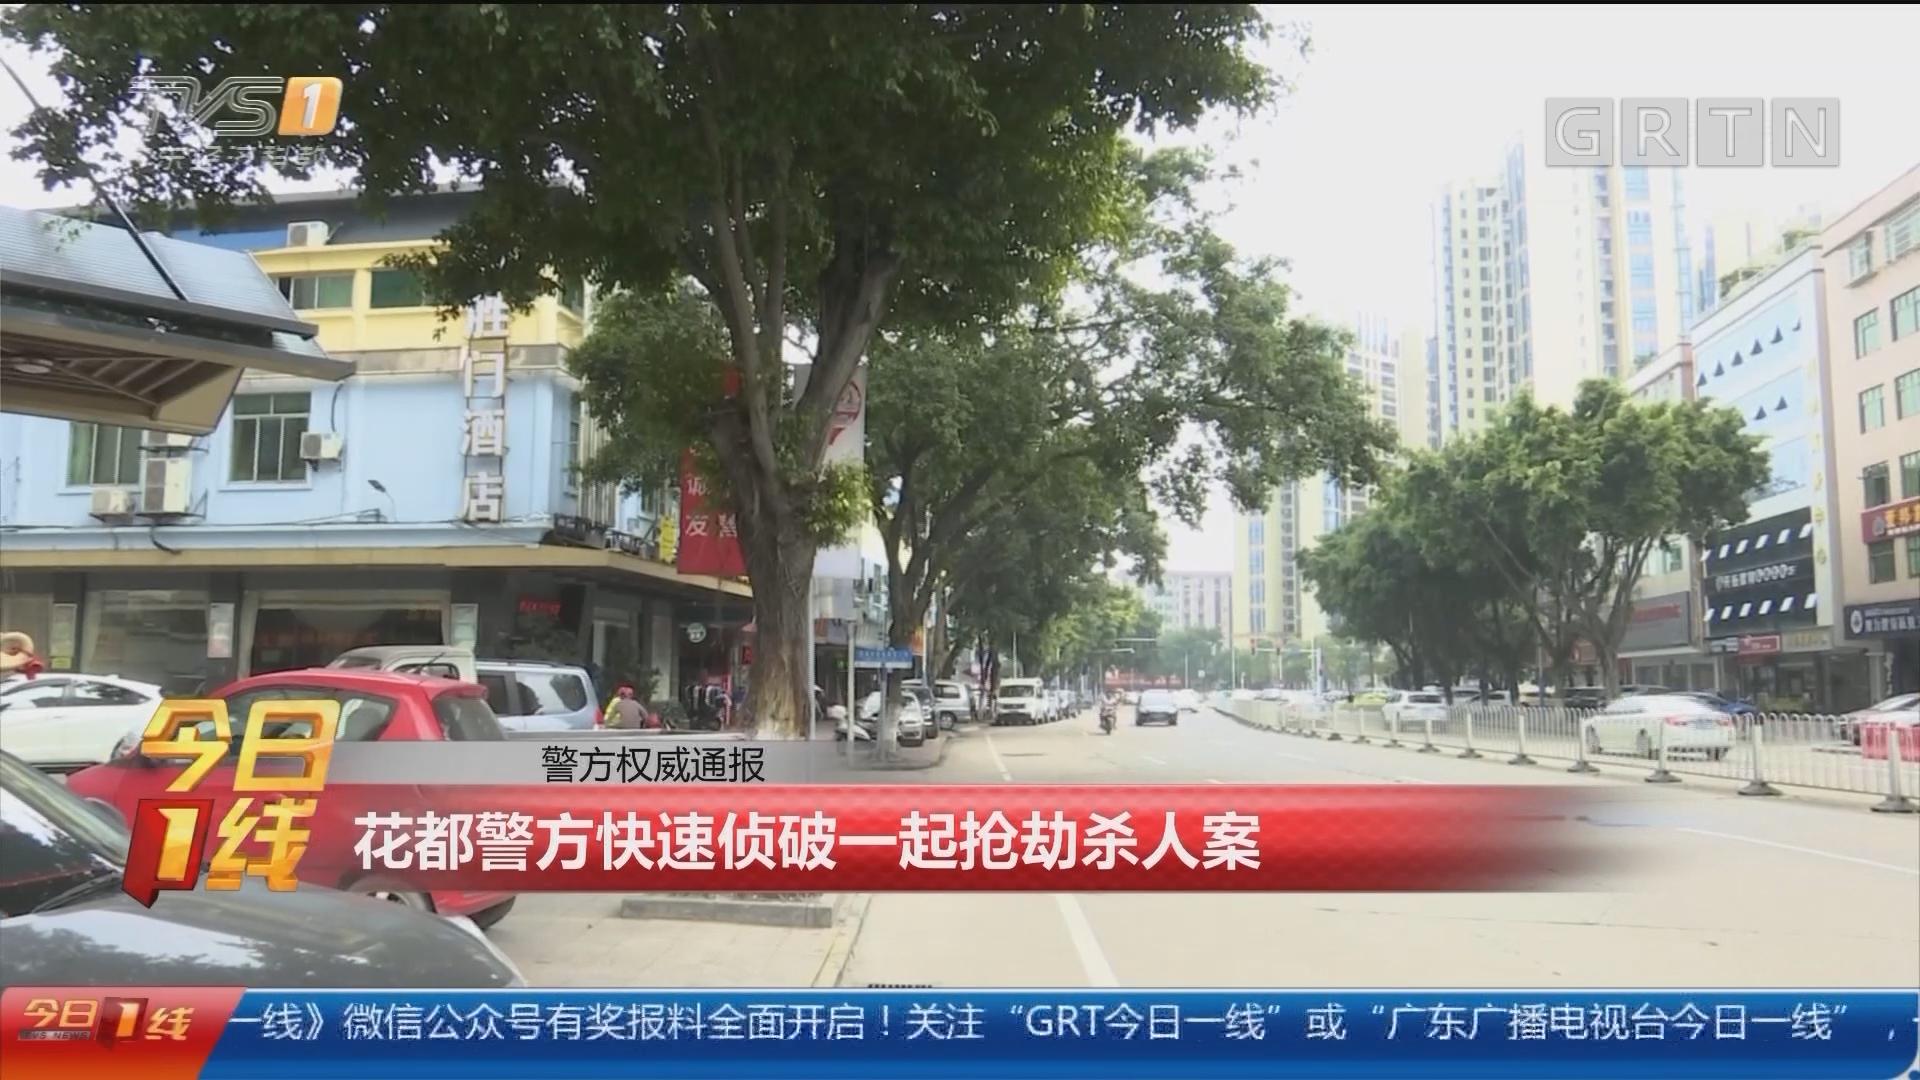 警方权威通报:花都警方快速侦破一起抢劫杀人案